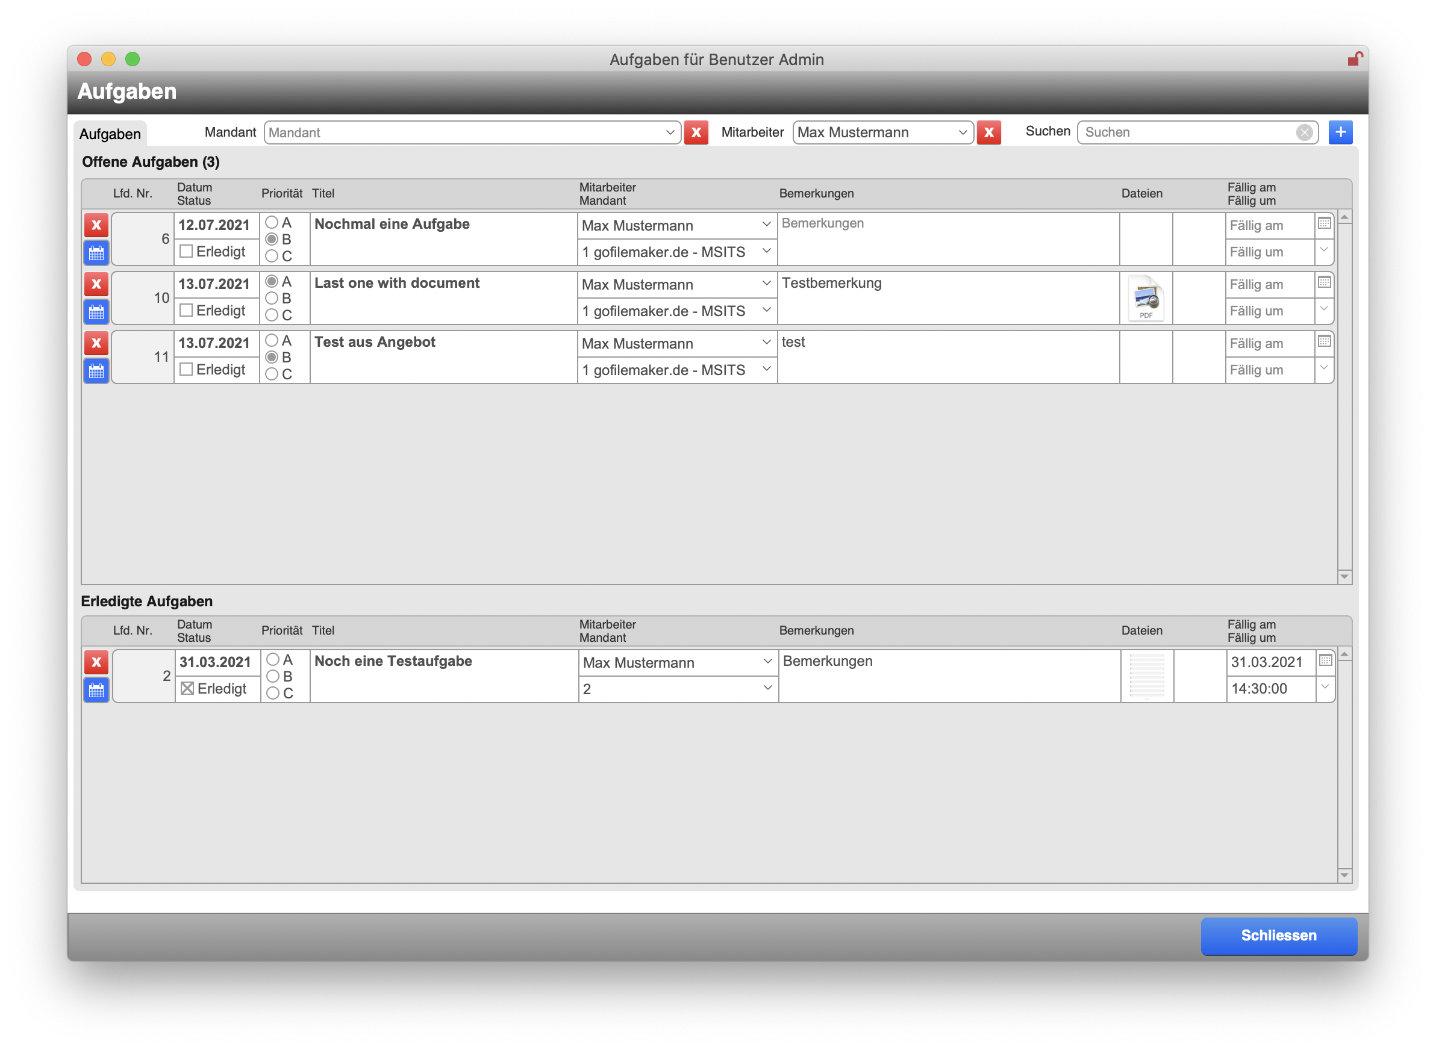 Aufgabenfenster zur systemweiten Anzeige von Aufgaben